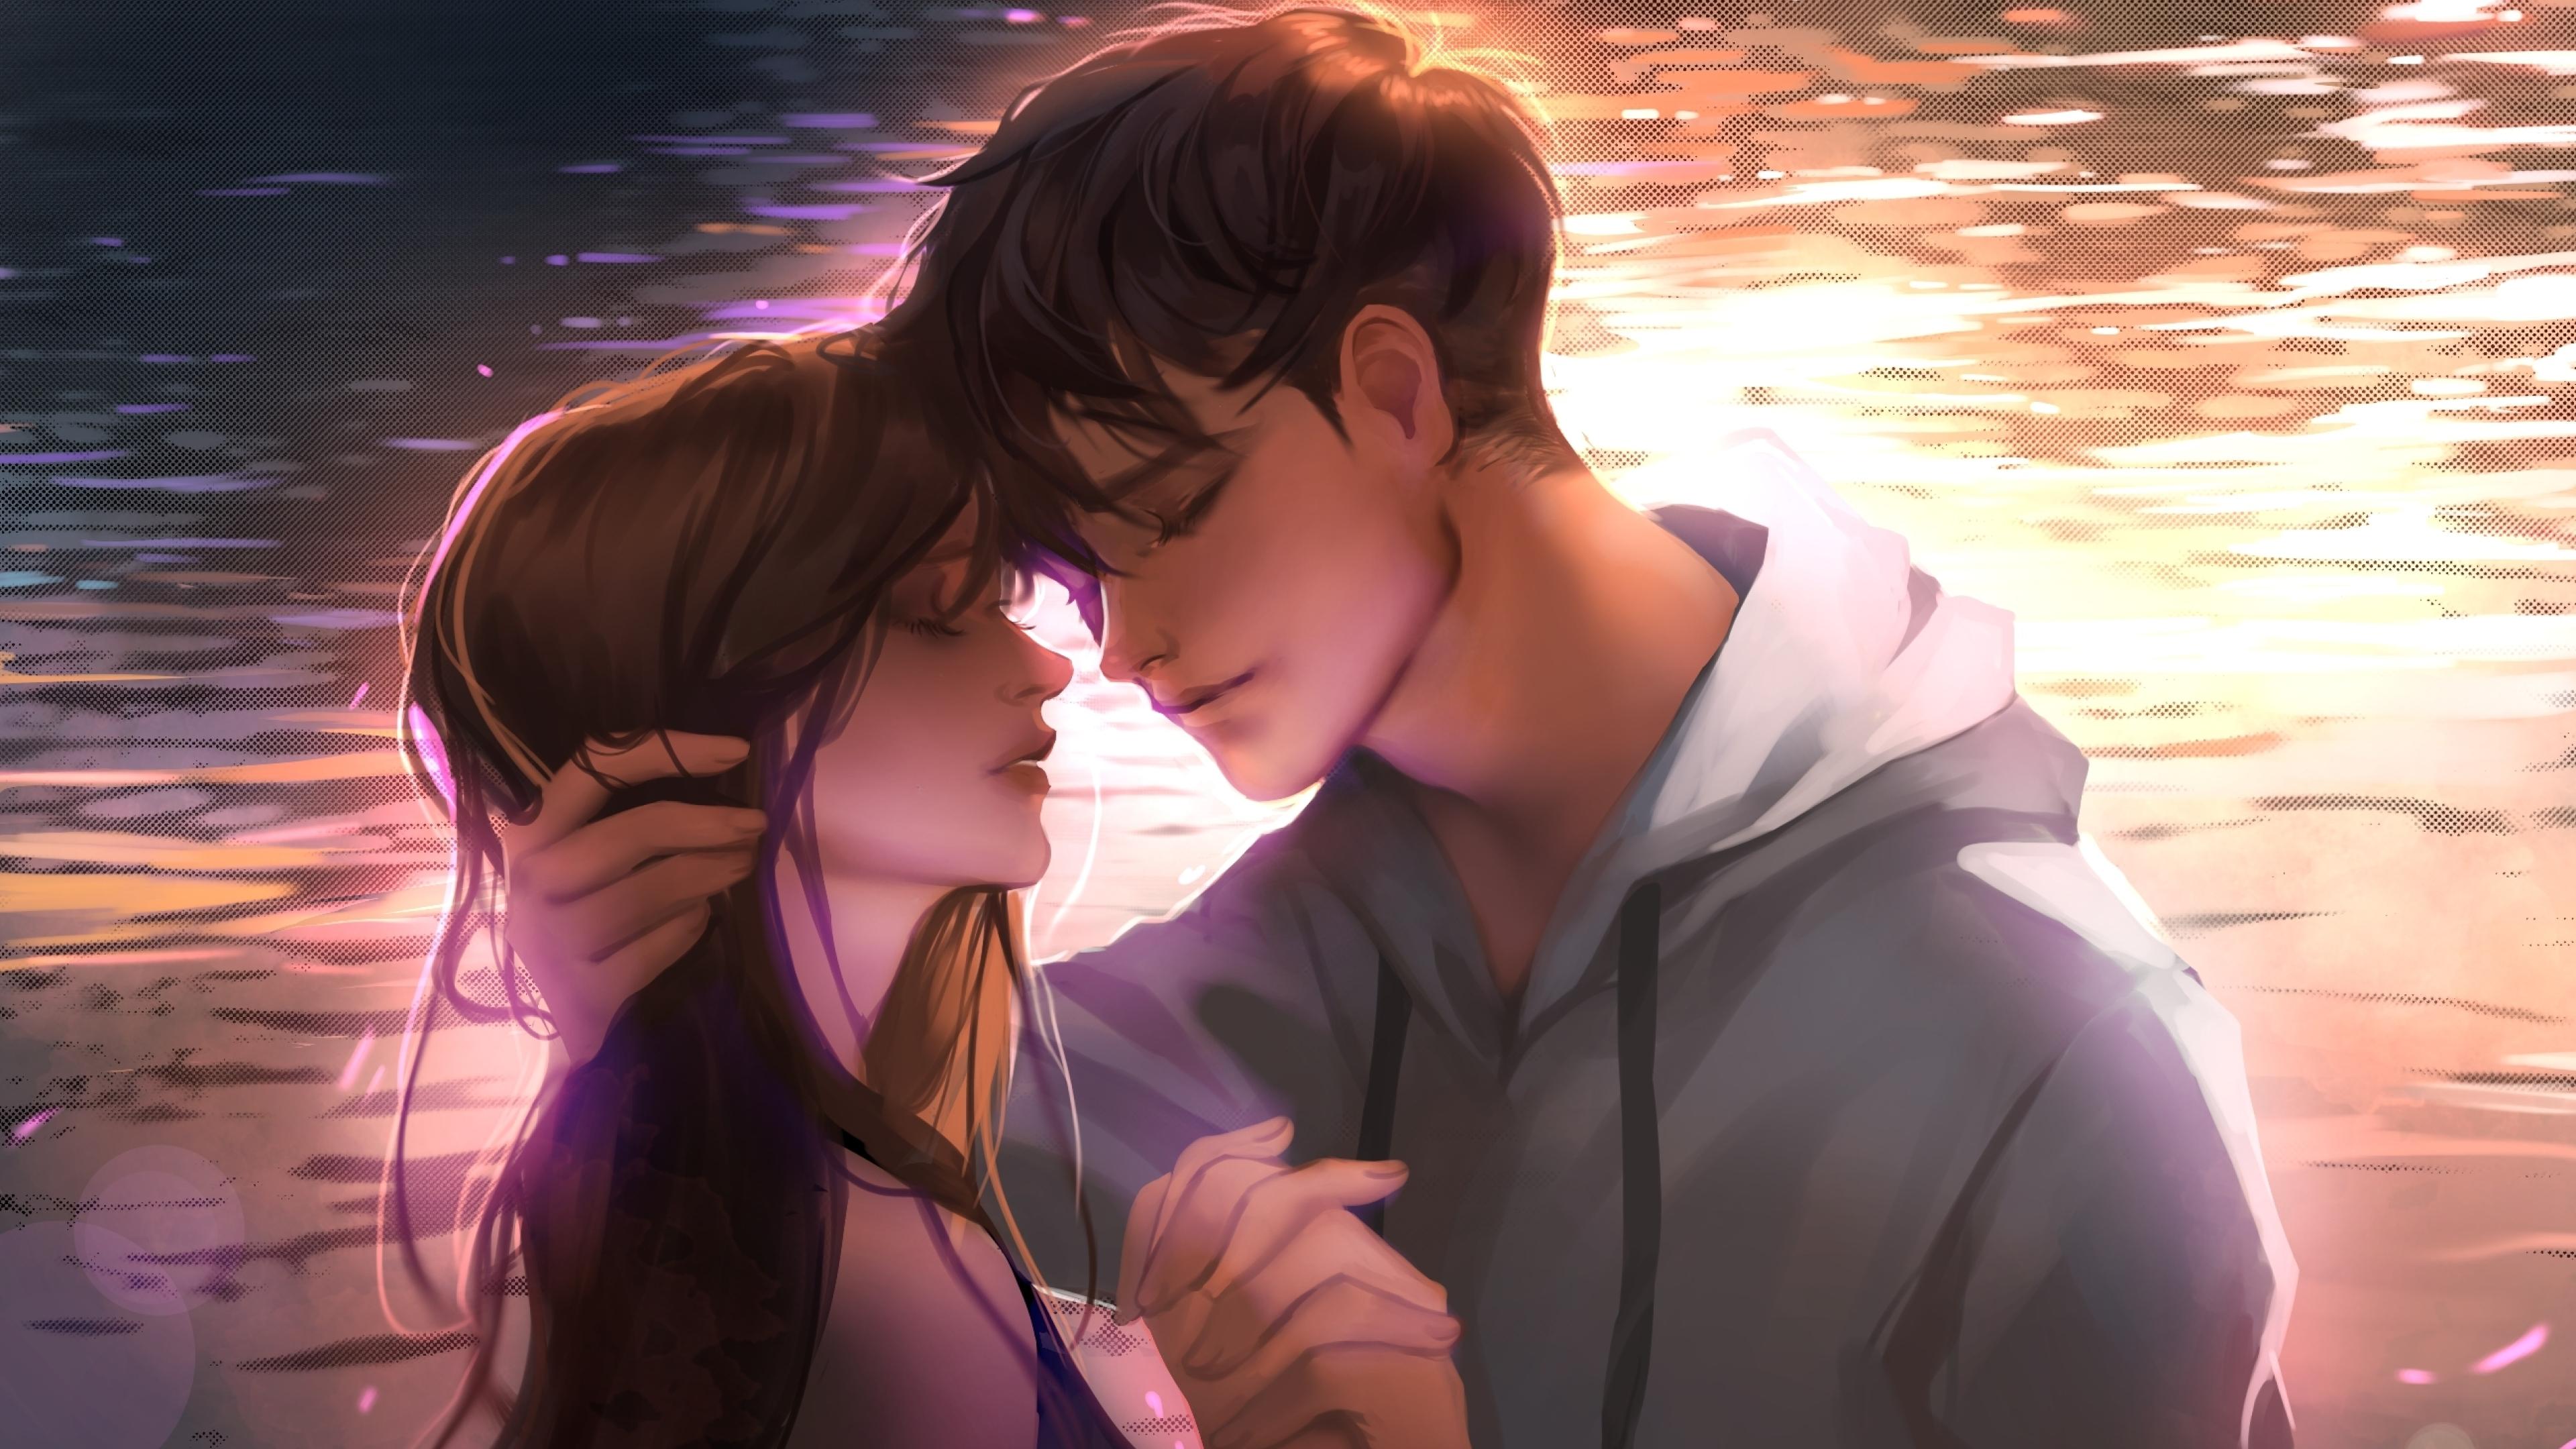 anime romantic couple